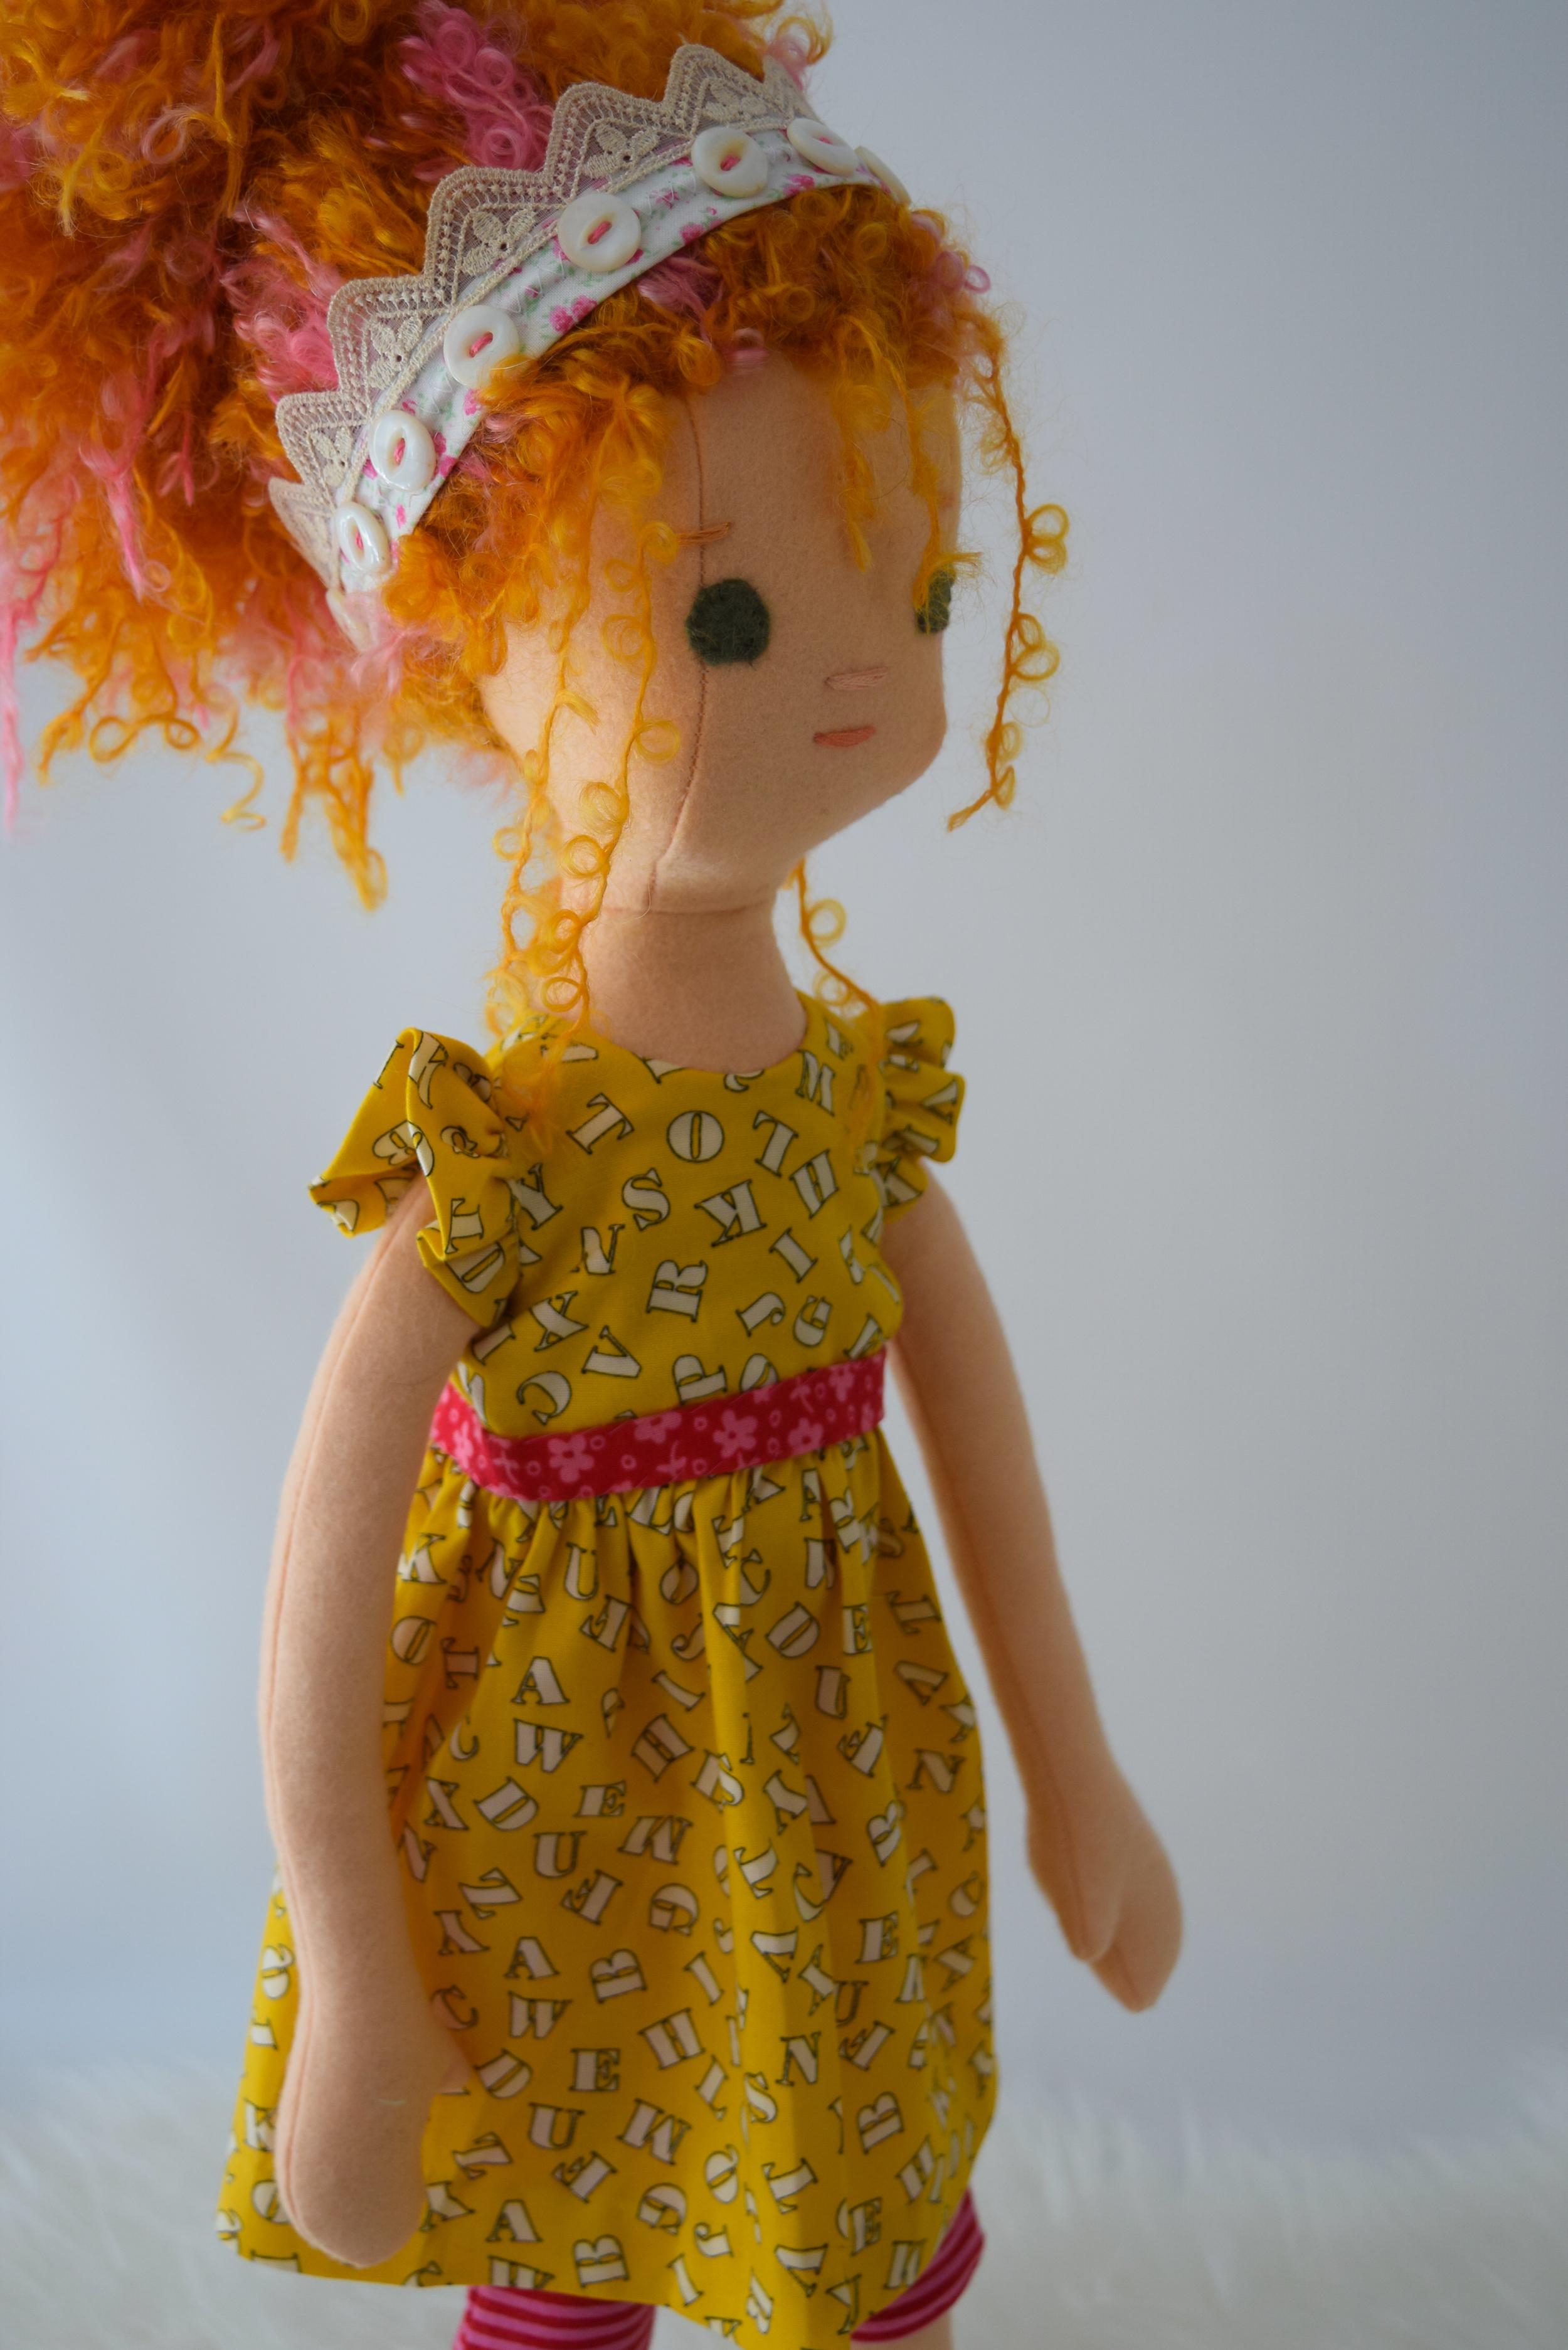 Fancy Nancy the Rag Doll